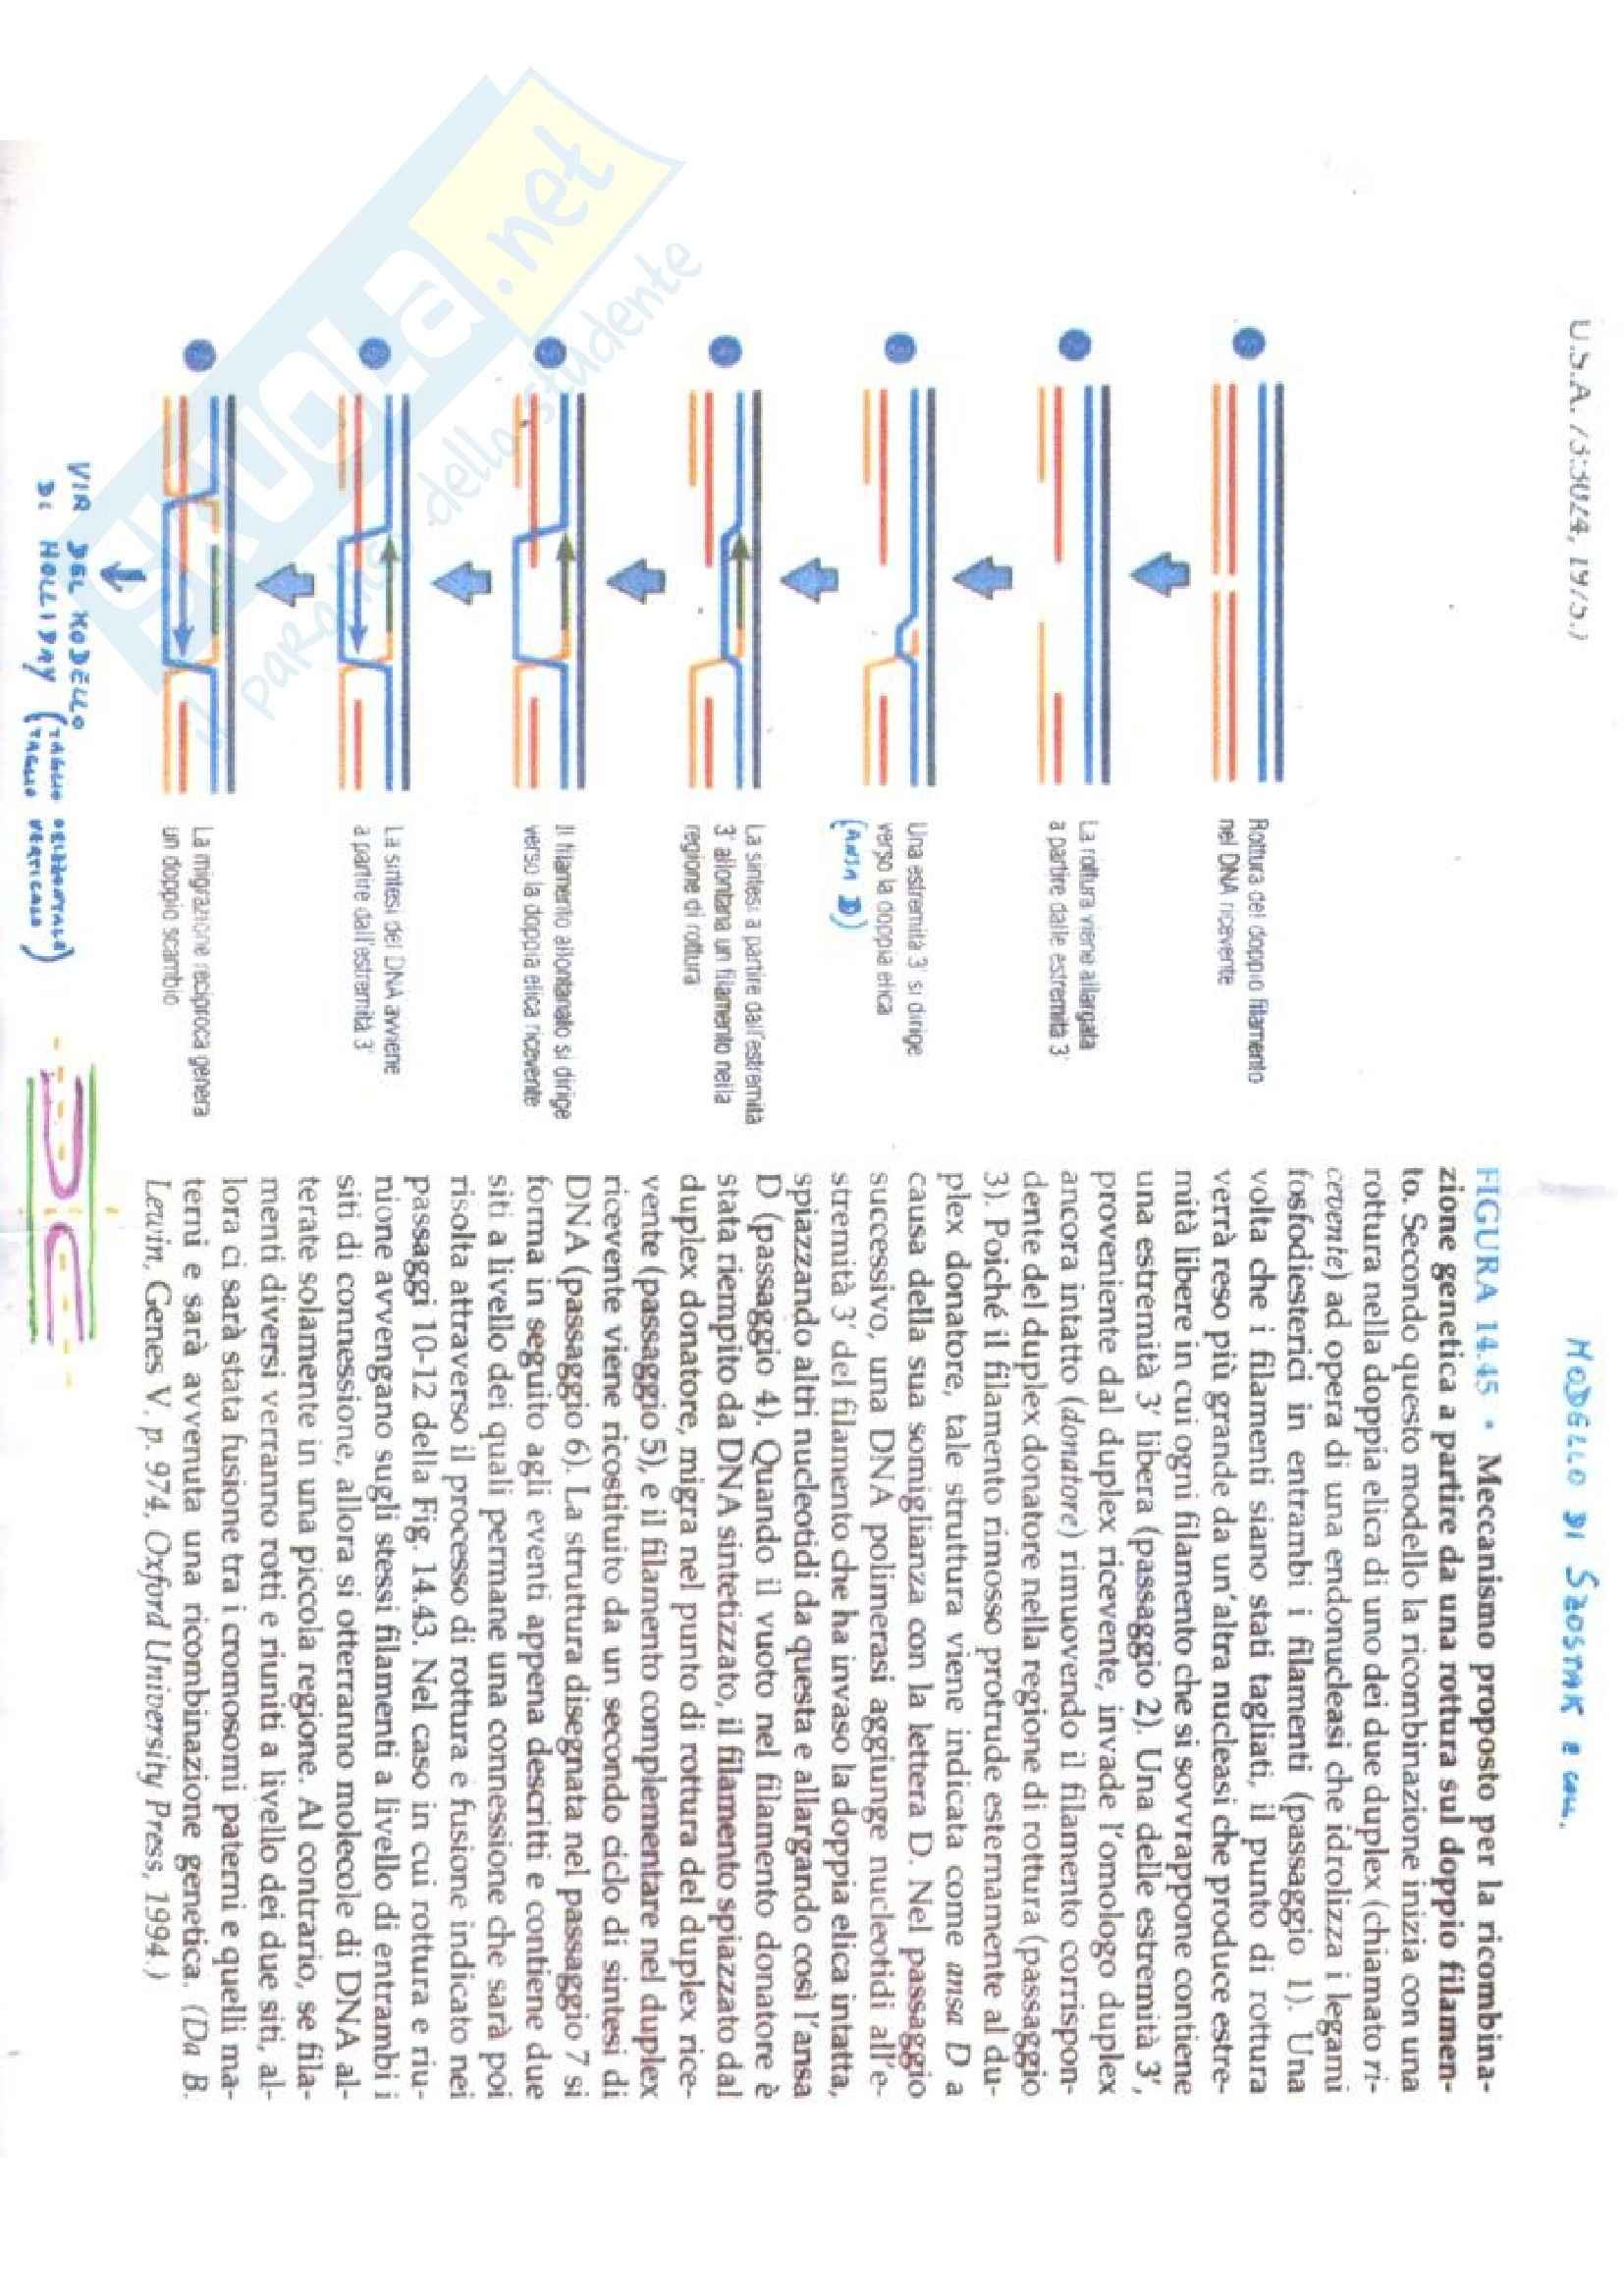 Biologia e genetica - modello di Szostak